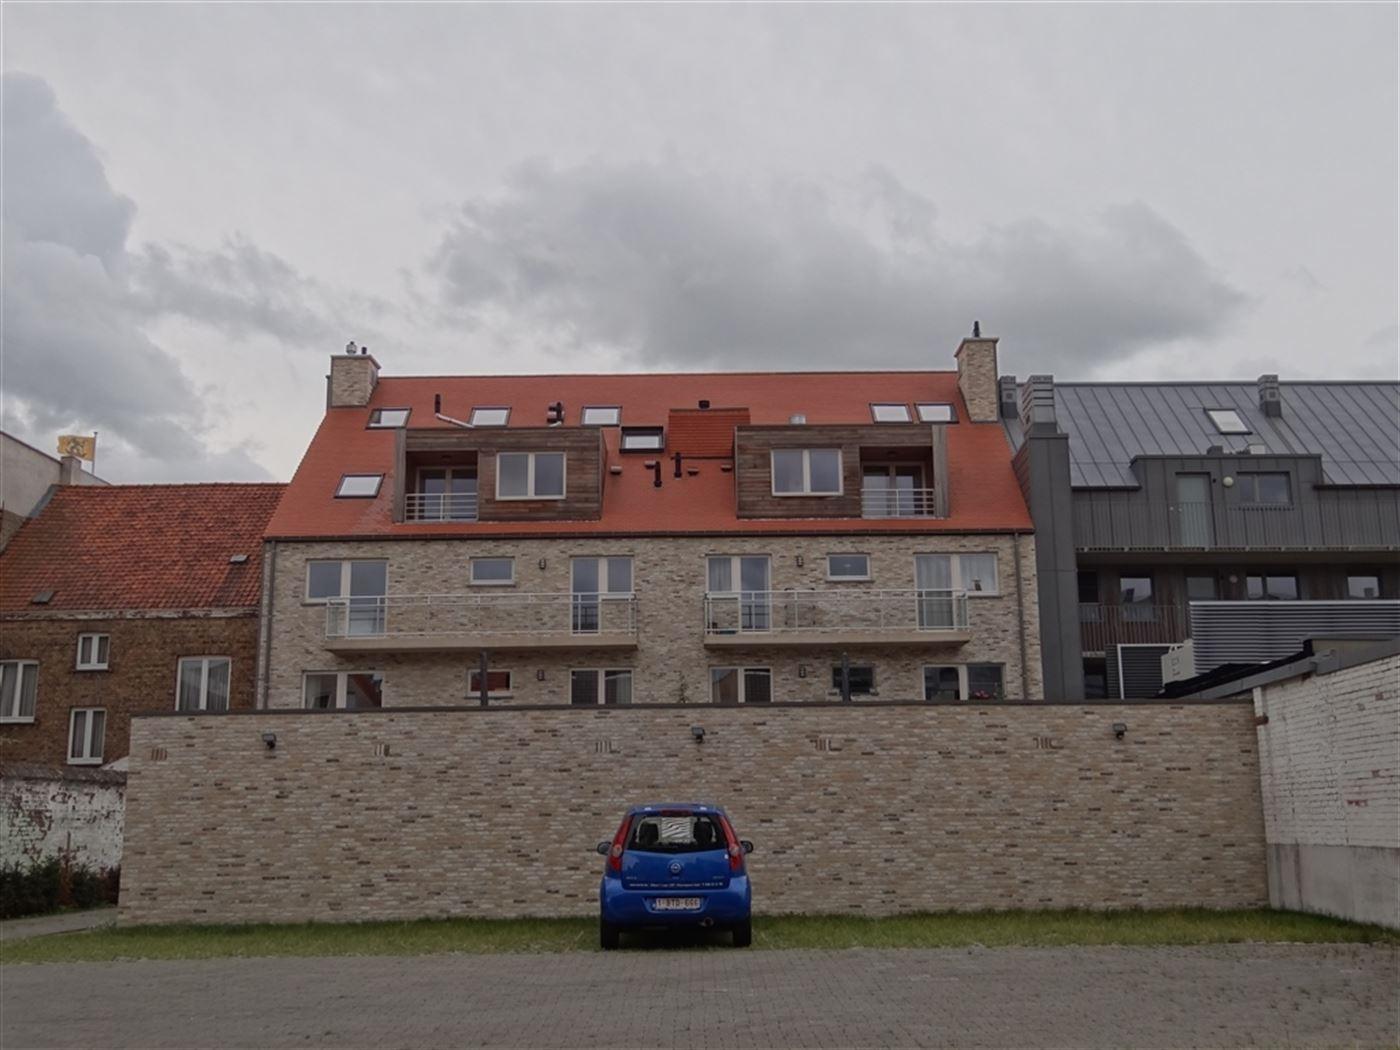 NEPTUNUS PARKING 4 - Open parkeerplaats op afgesloten binnenplaats - Nieuwbouw - Centrale ligging in Nieuwpoort-Stad (zijstraat van de Kaai) - Afmetin...